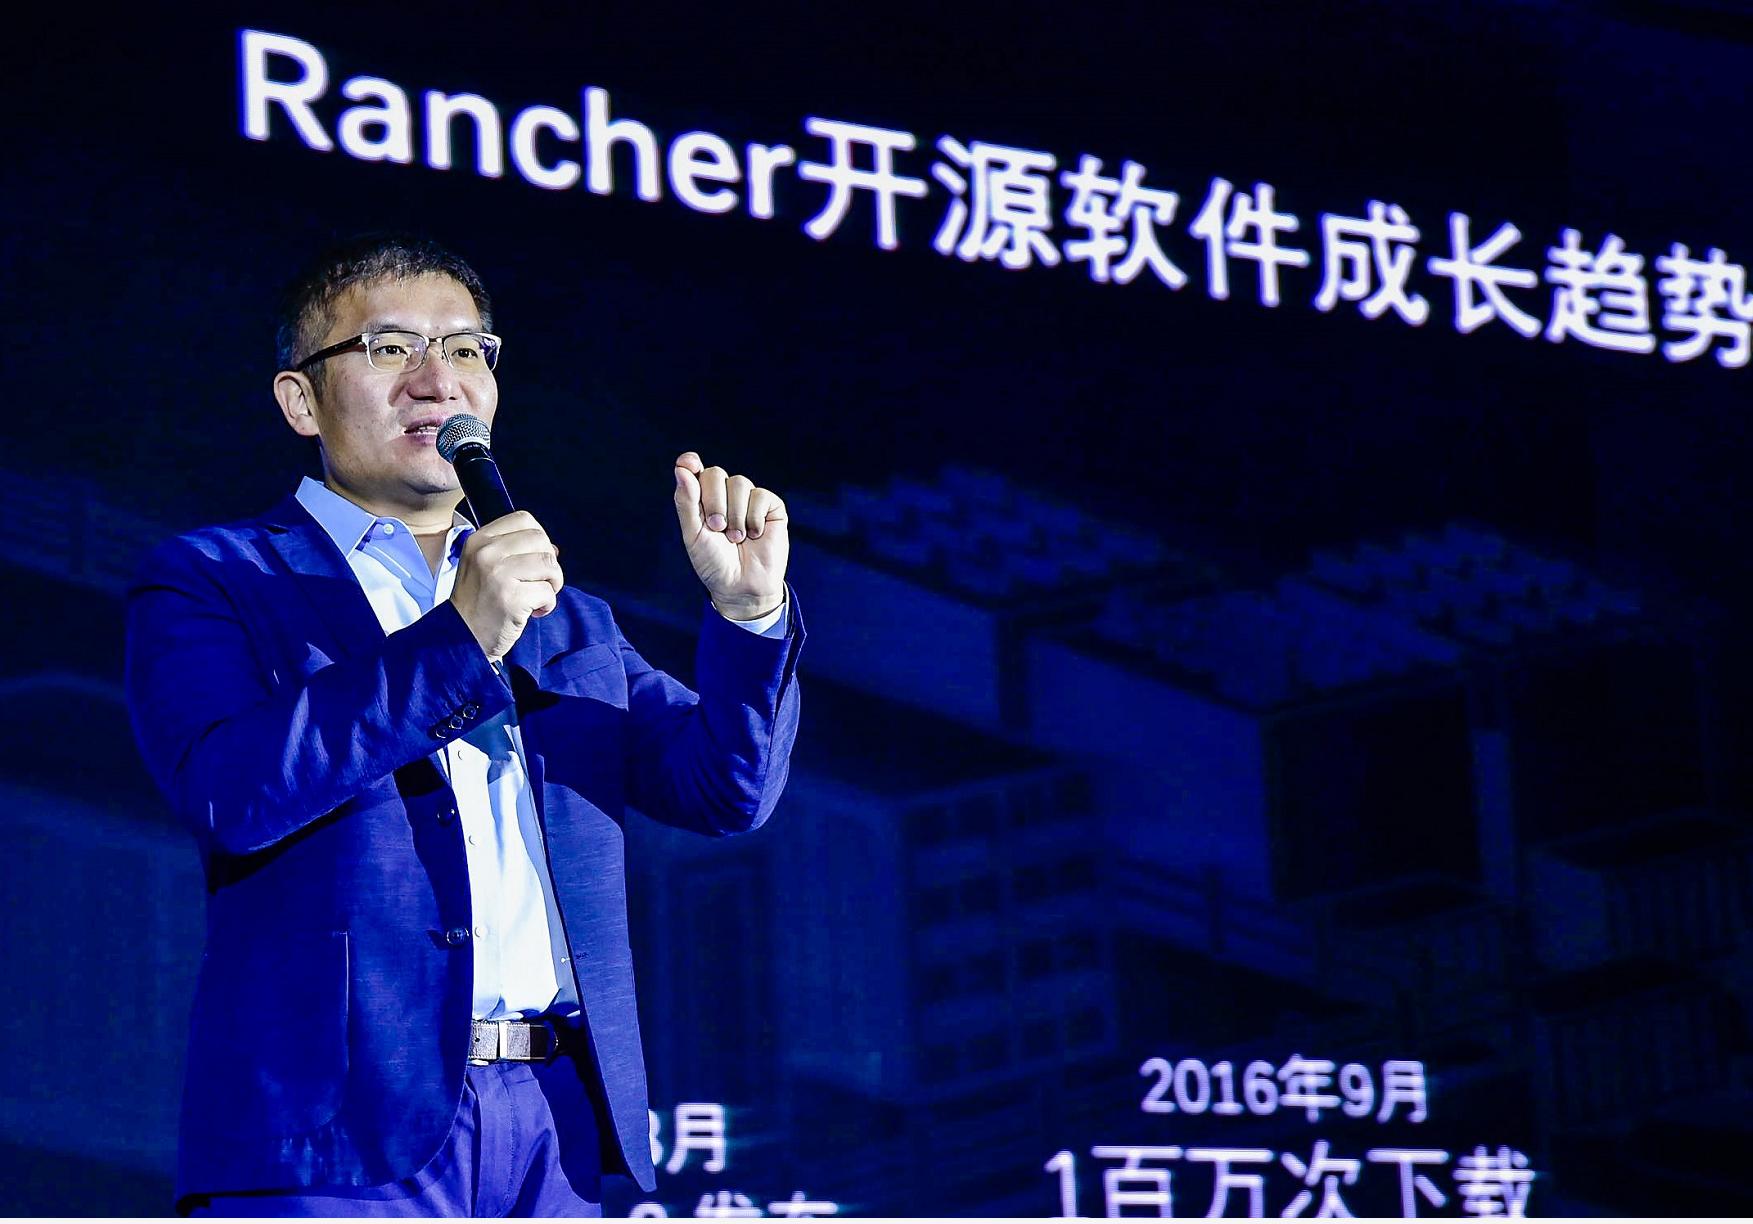 Rancher 2.0发布暨中国区用户及合作伙伴大会